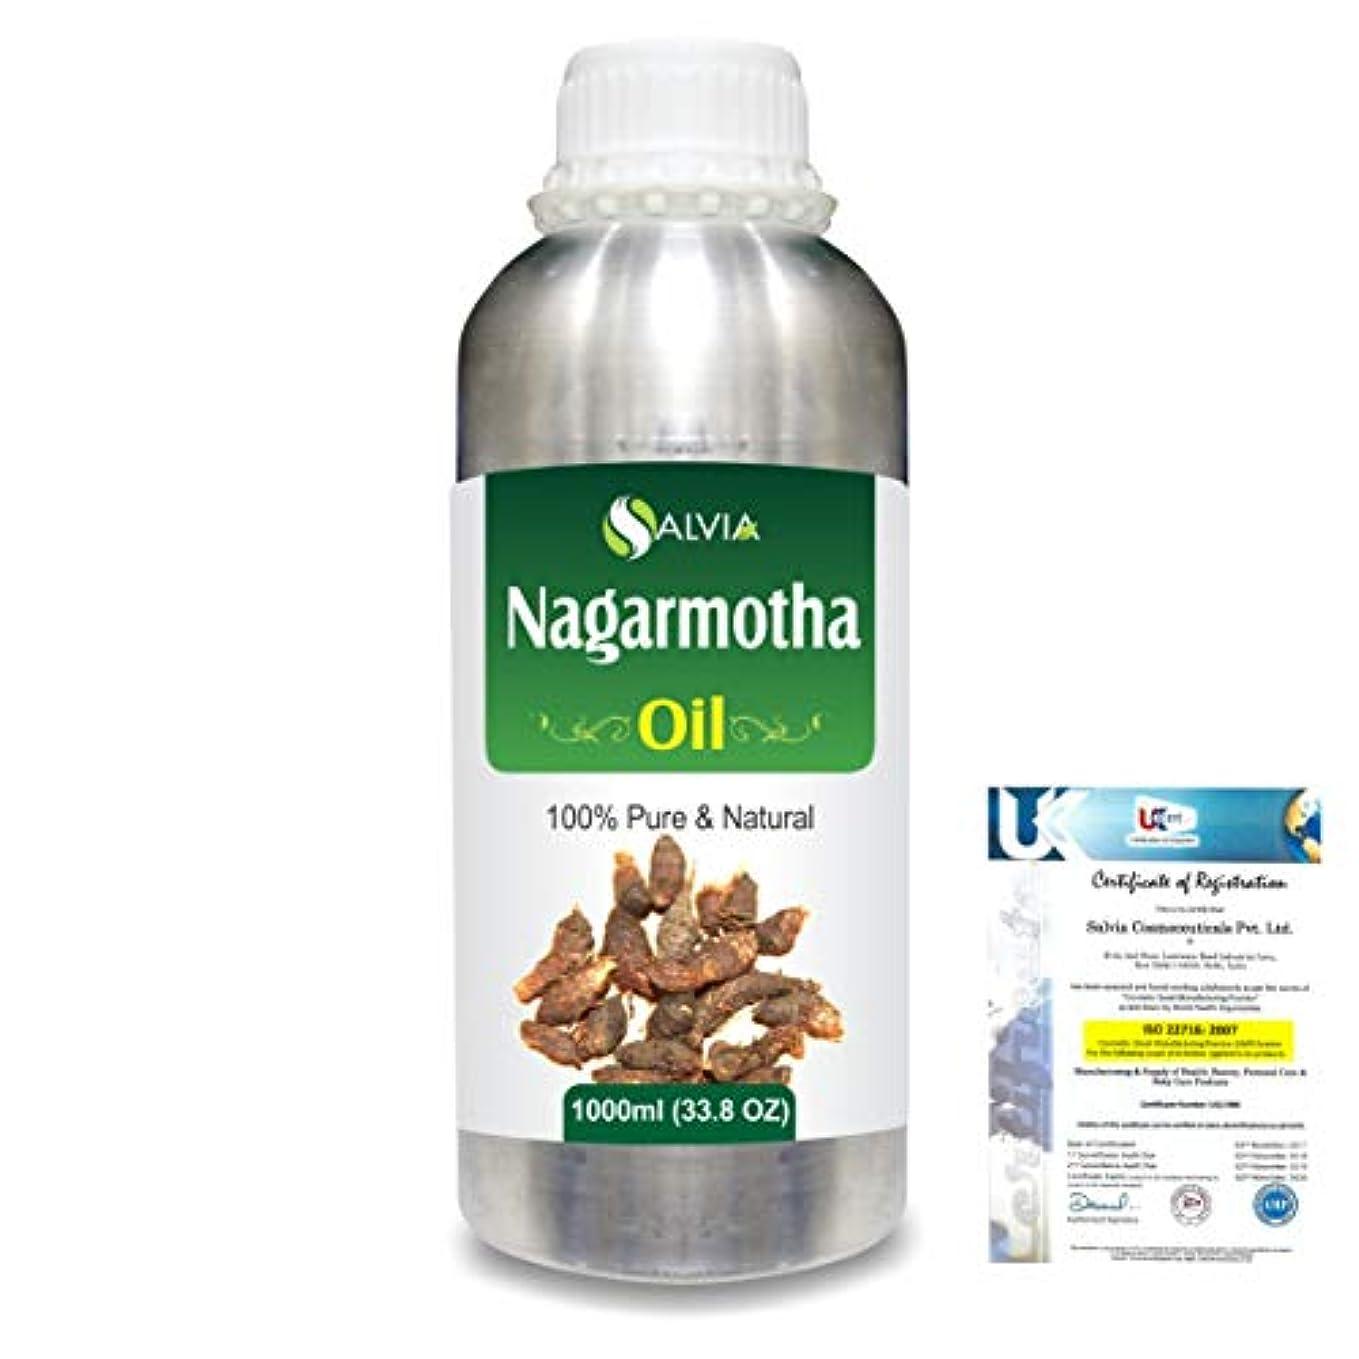 ポーターあごマラドロイトNagarmotha (Cyprus scariosus) 100% Natural Pure Essential Oil 1000ml/33.8fl.oz.